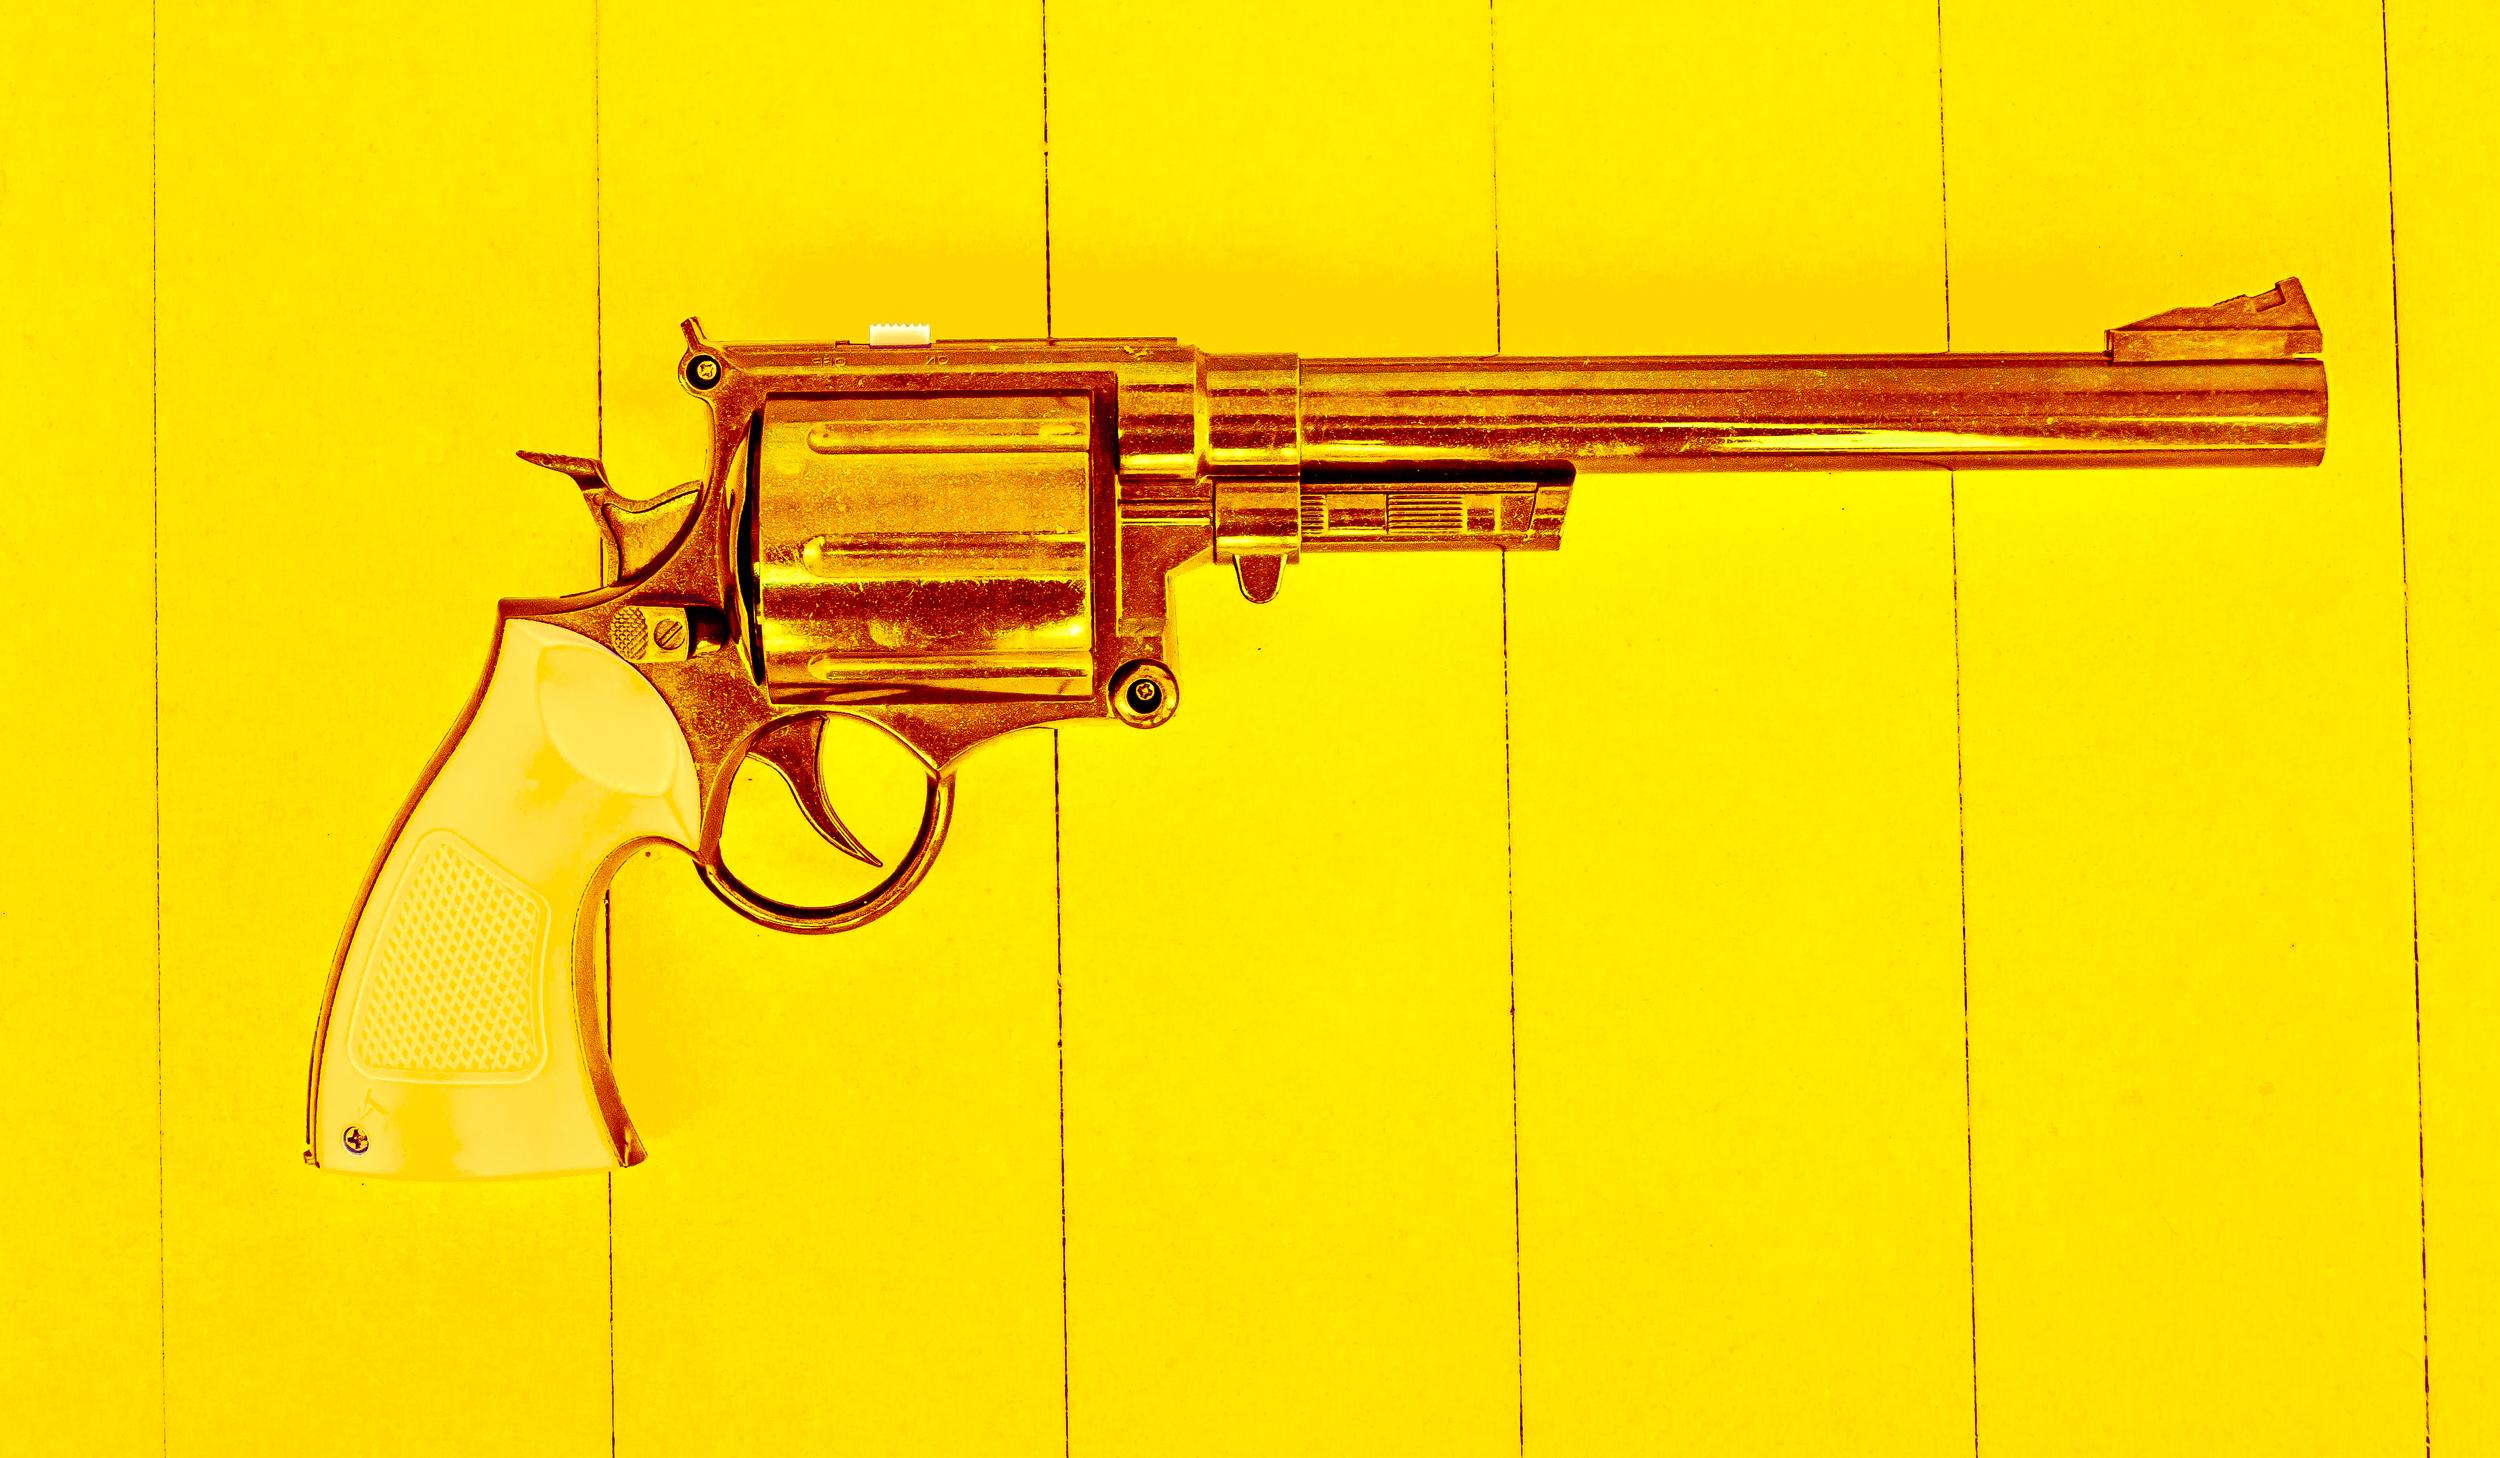 2014-06-25 toy gun-068.jpg